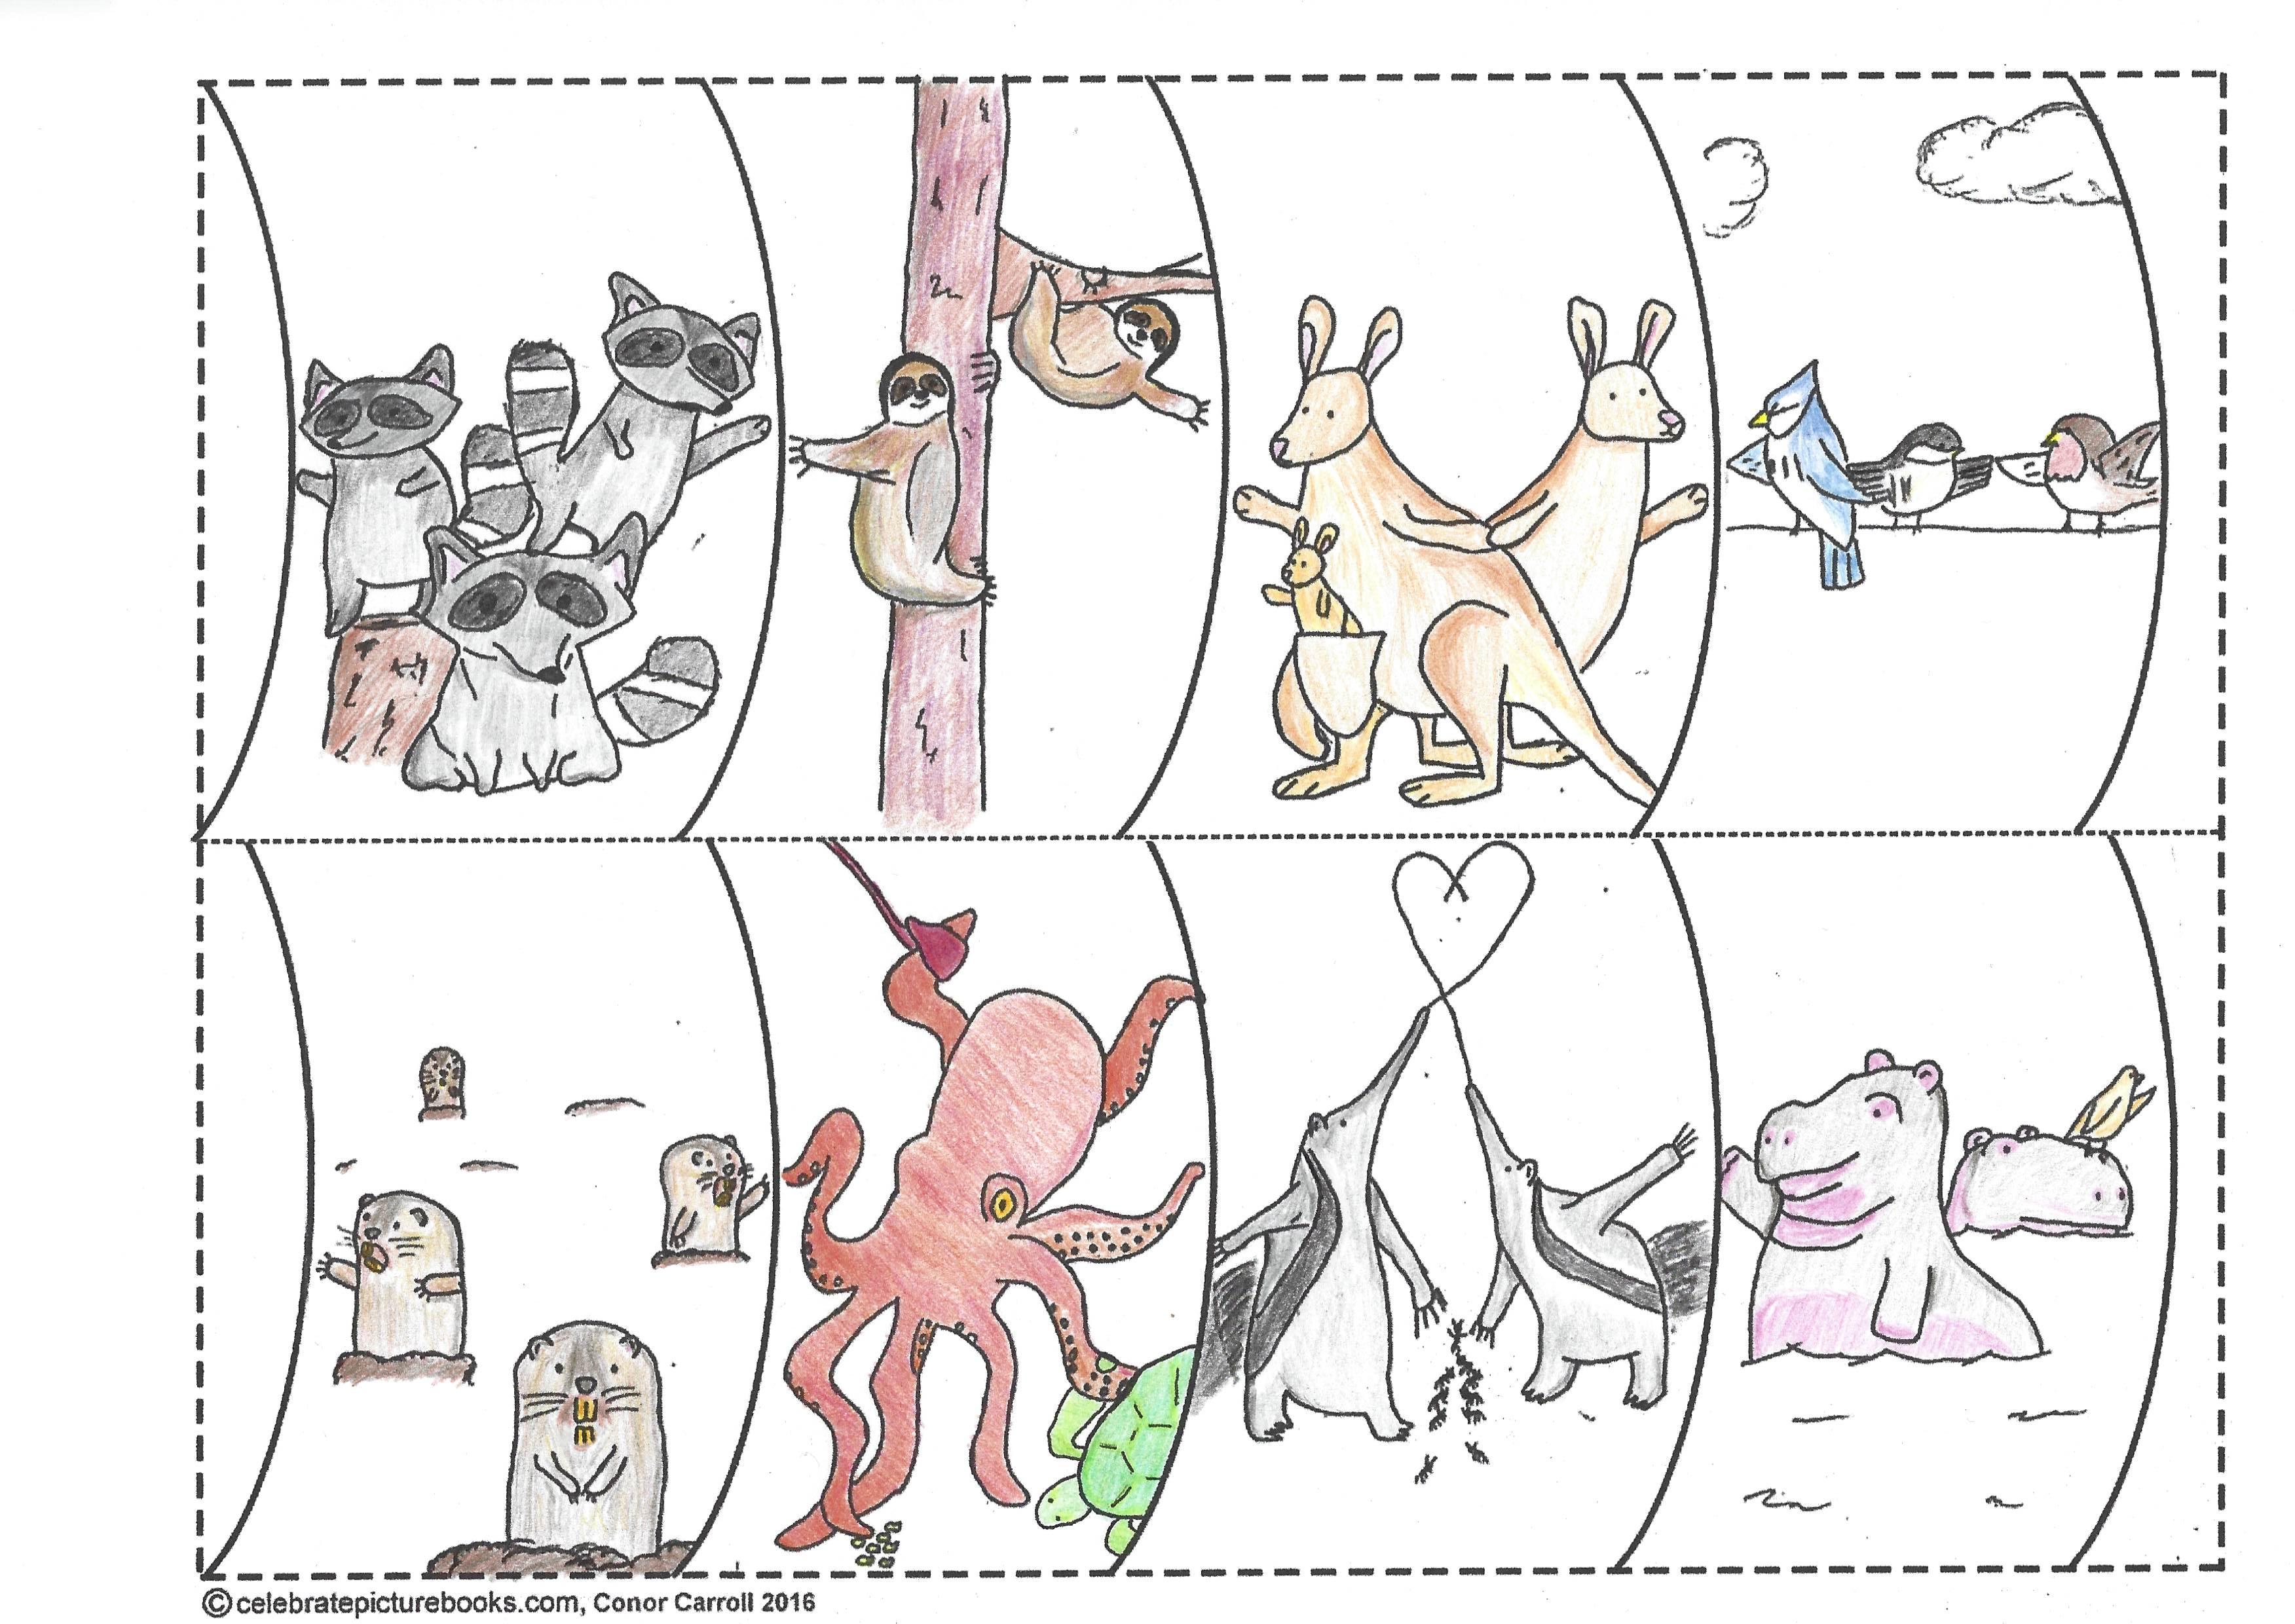 celebrate-picture-books-picture-book-review-UN-day-puzzle